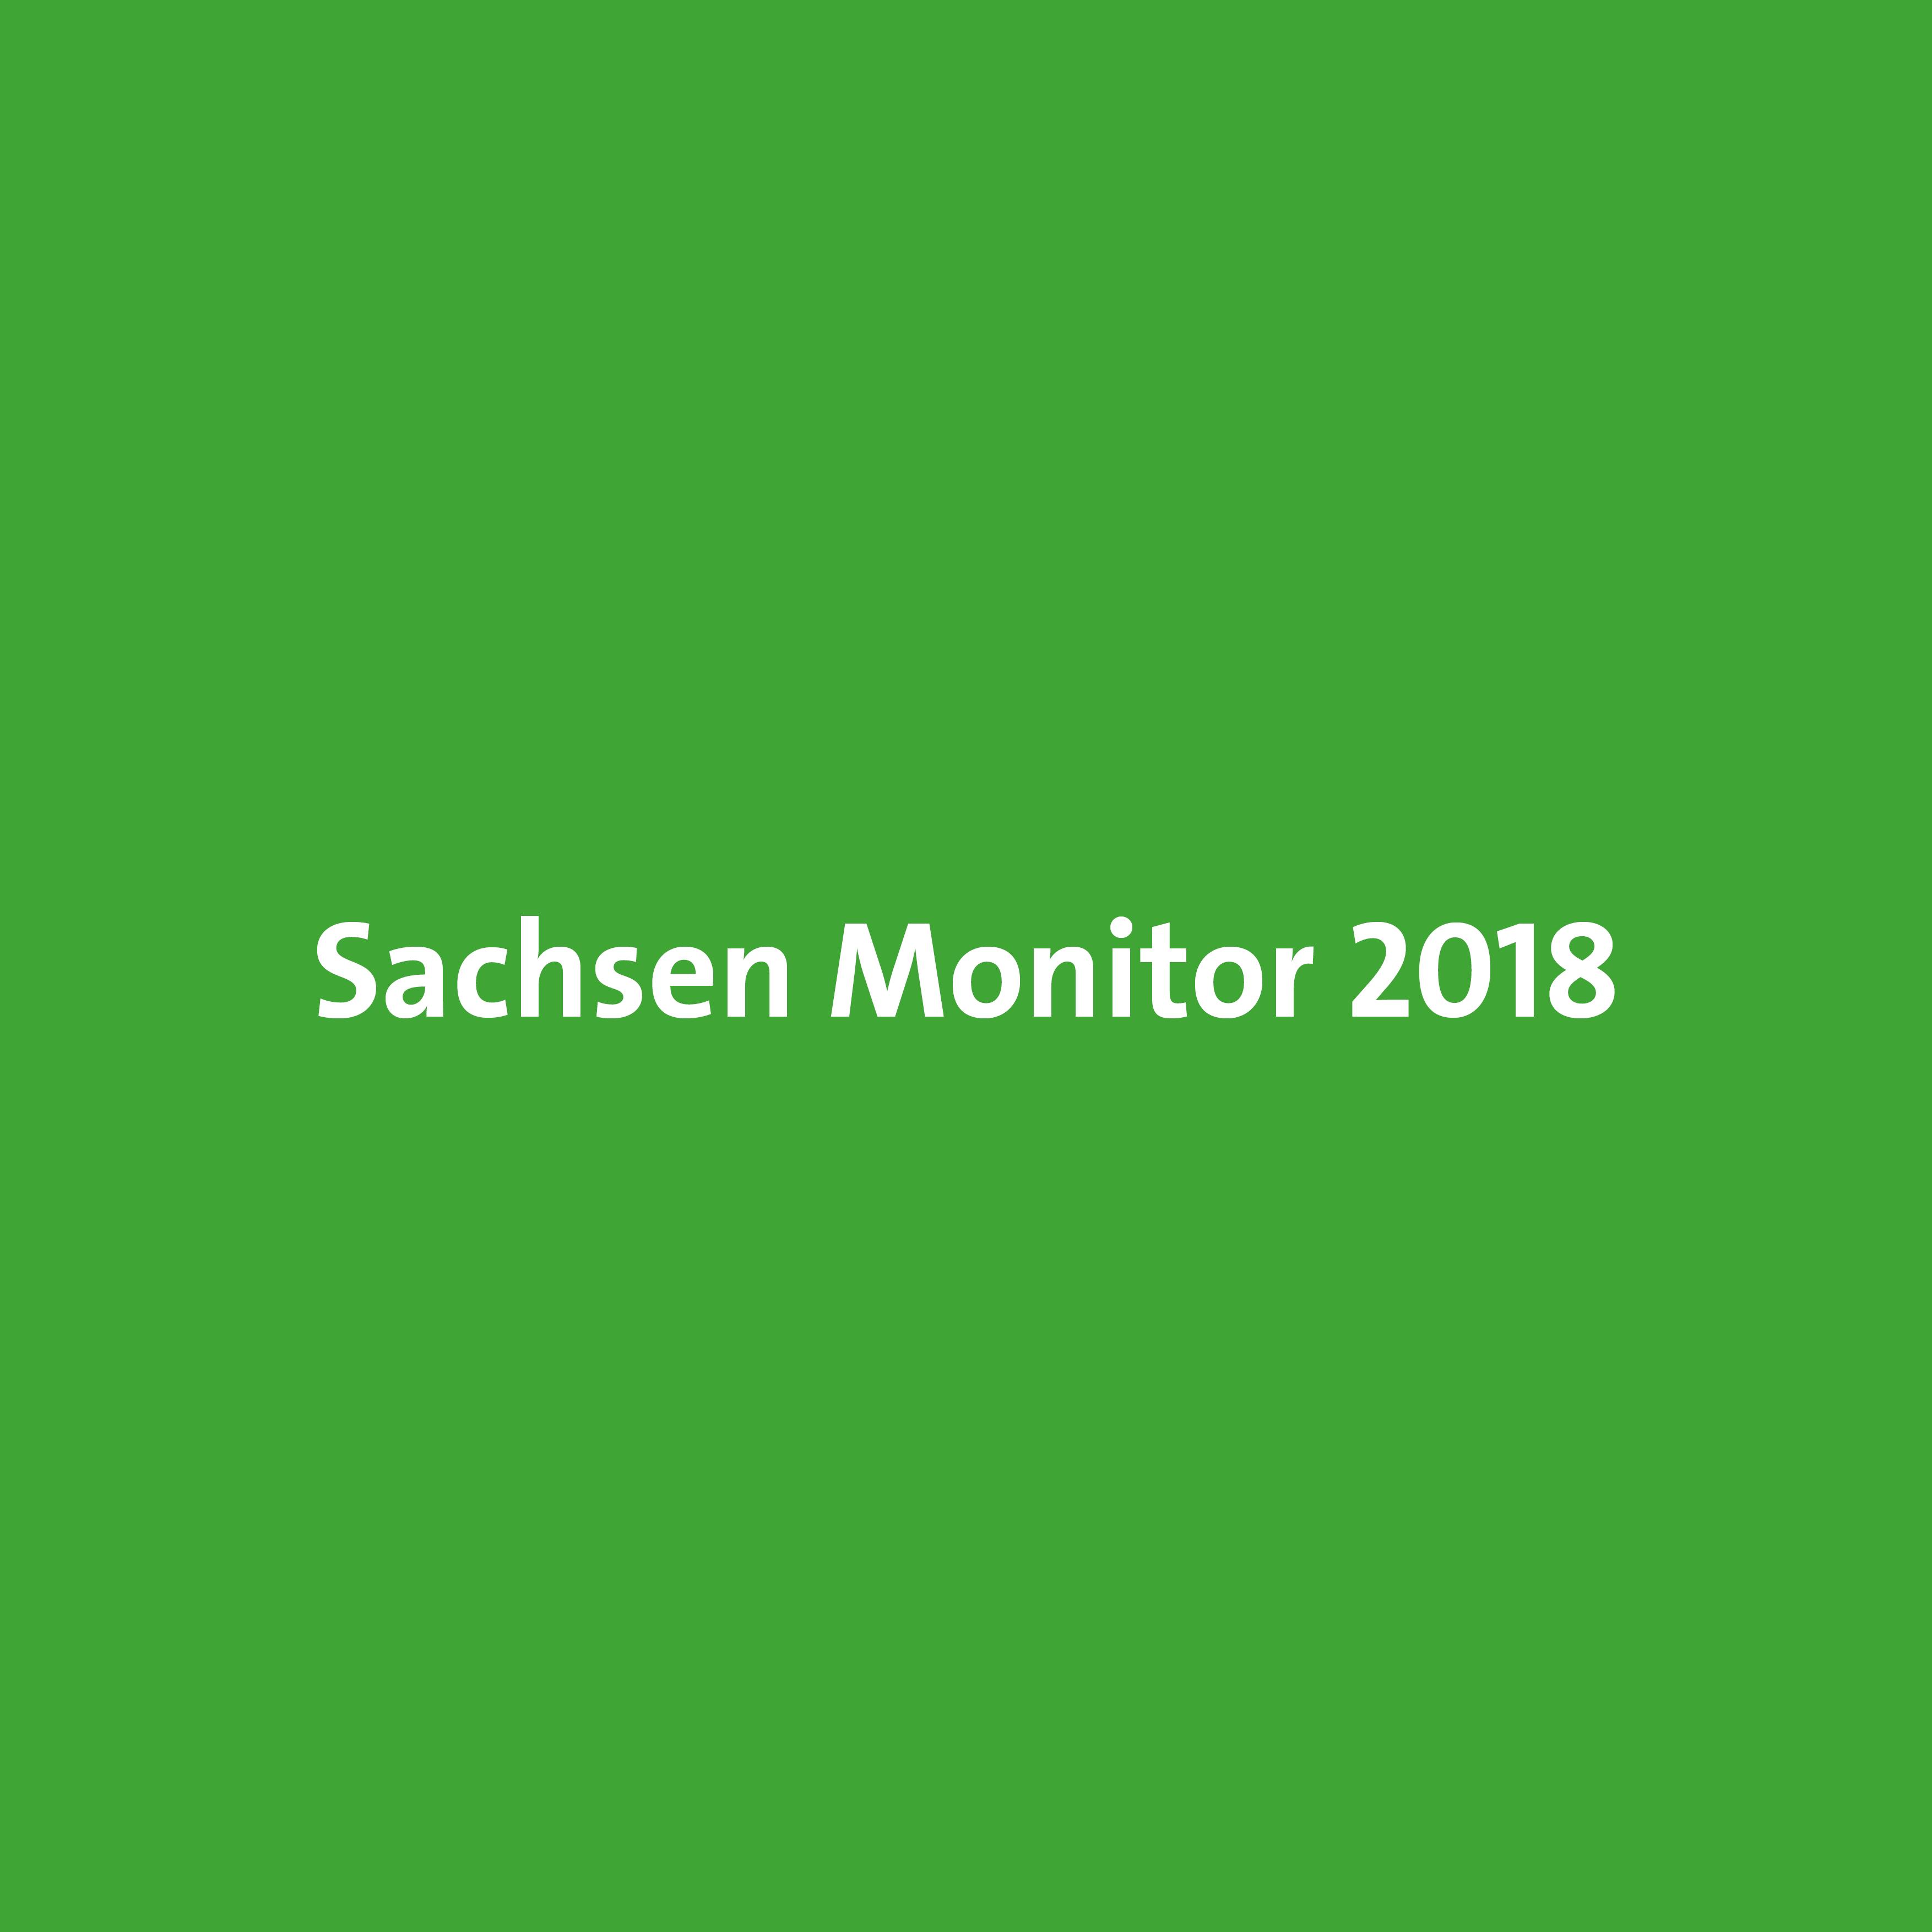 Sachsen-Monitor: Soziale Probleme brauchen soziale Antworten